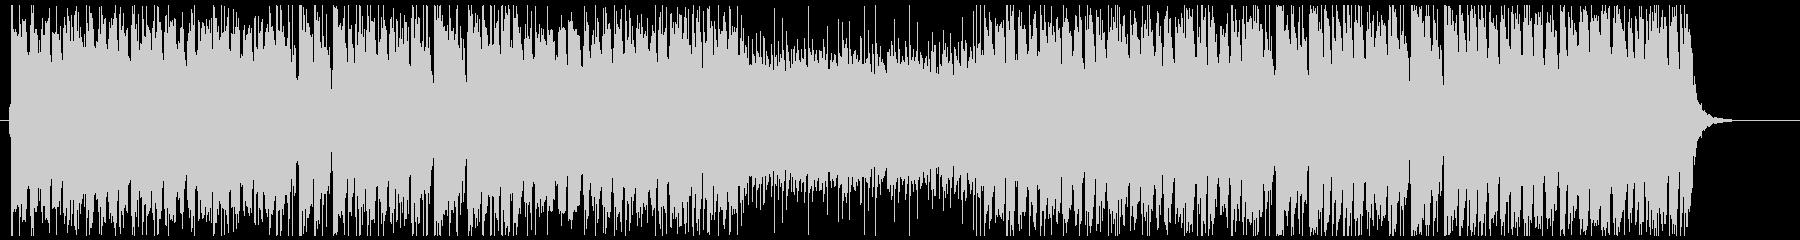 ケルト/アイリッシュ系フォークメタル1分の未再生の波形